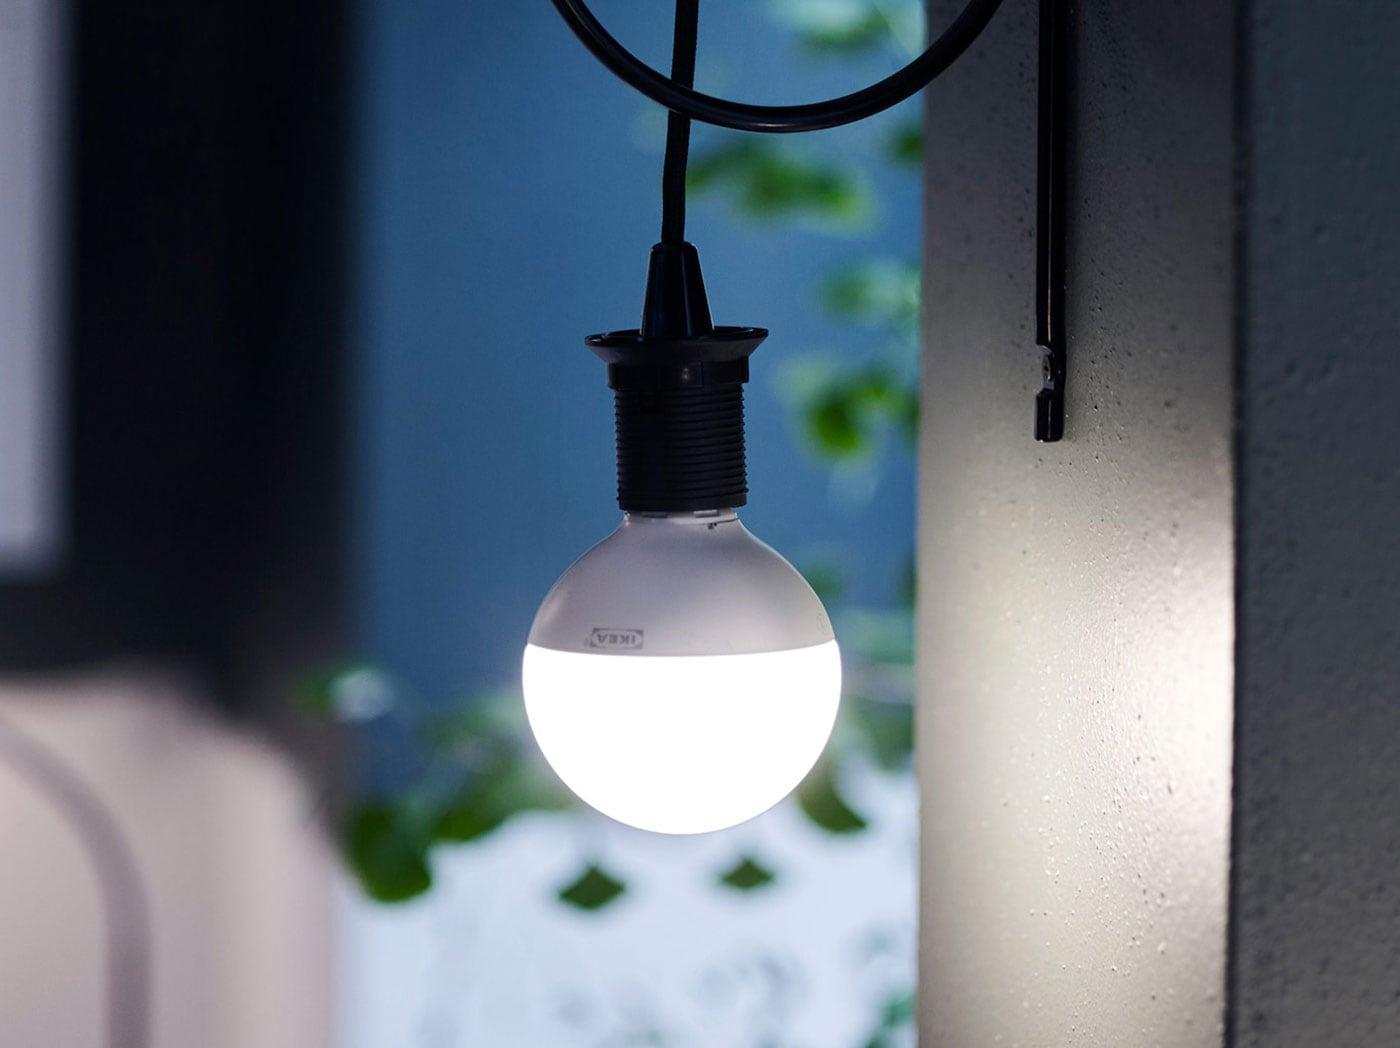 Různé druhy LED lamp ve tmě.